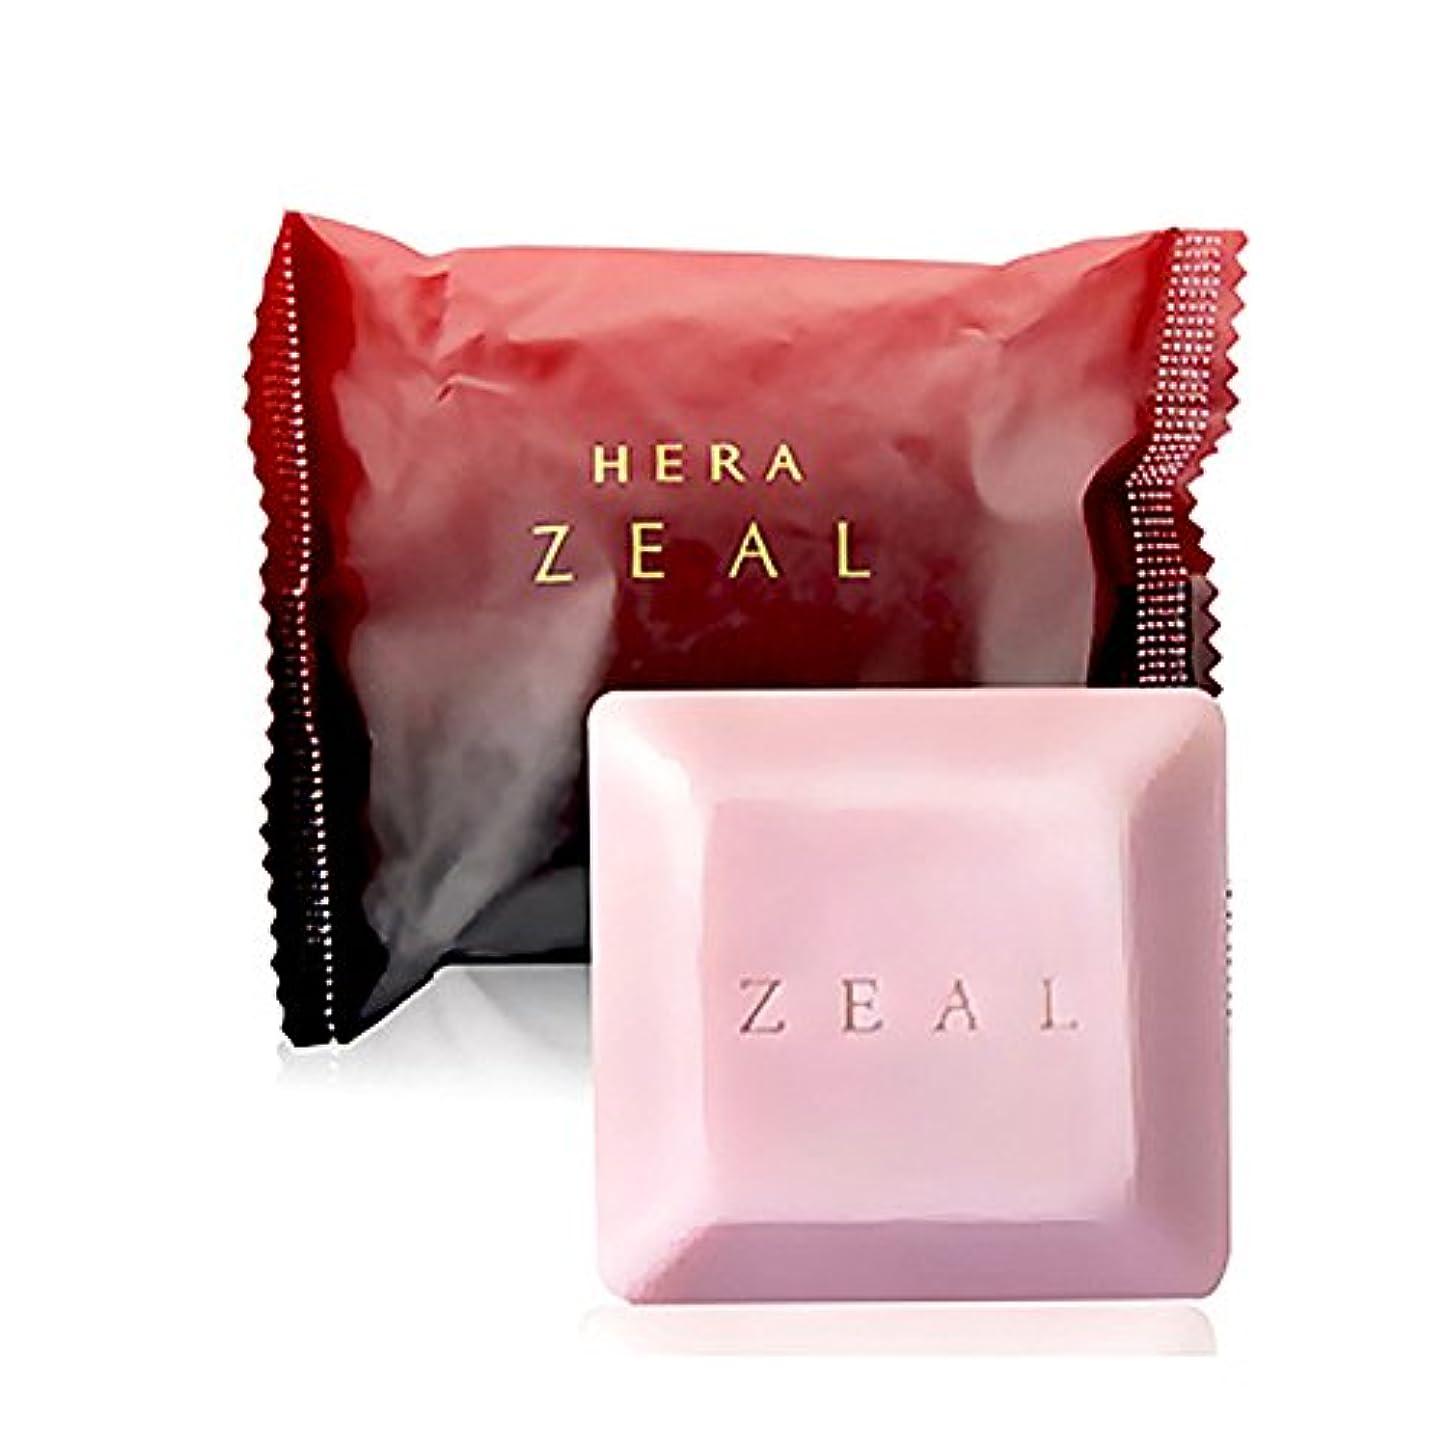 豚里親やさしいHERA ZEAL 美容石鹸 60gソープ/Hera Zeal Organic Perfumed Soap